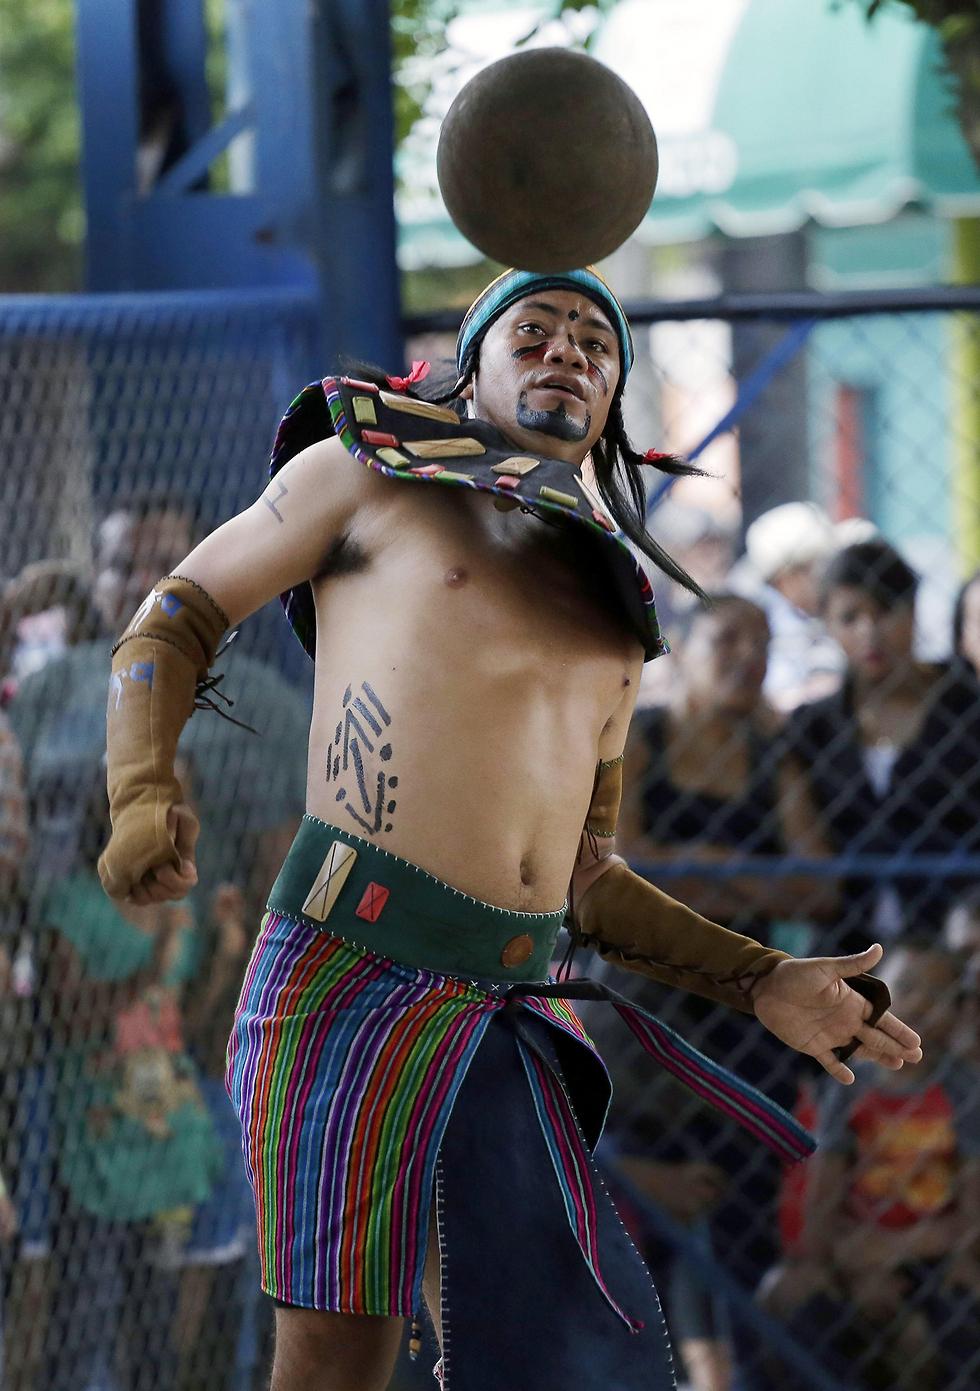 פסטיבל משחק כדור של שבט המאיה באל-סלבדור (צילום: EPA)